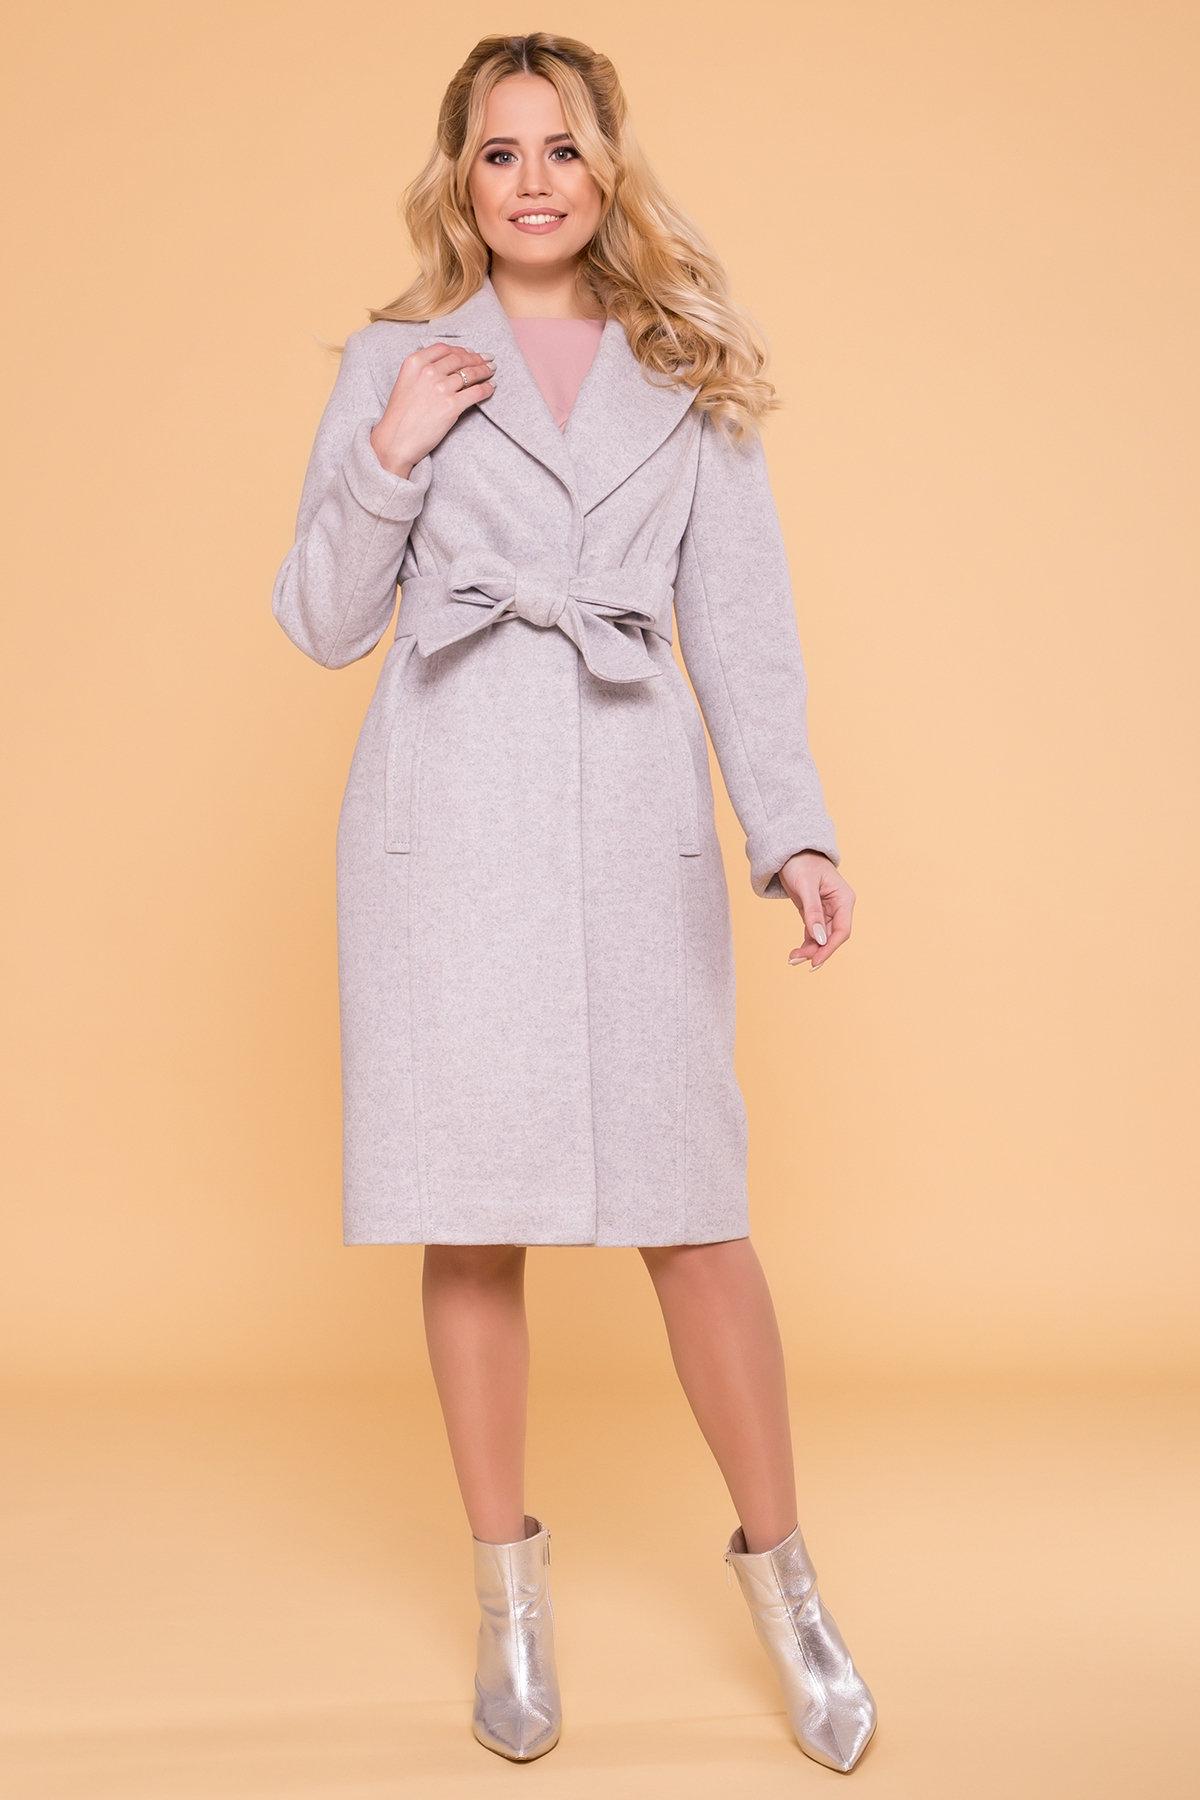 Купить пальто демисезонное от Modus Пальто Лесли 6321